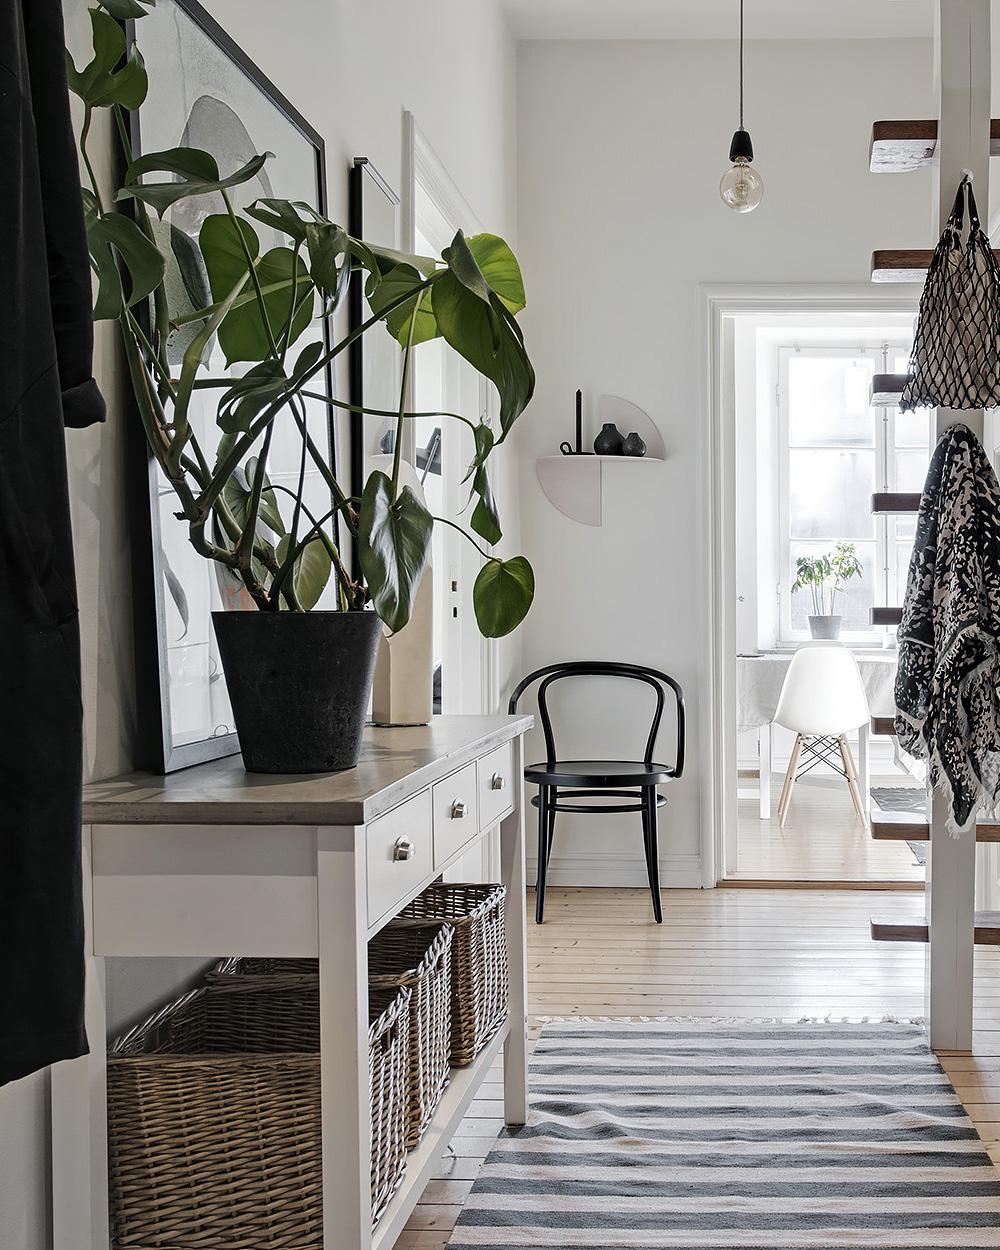 couloir scandinave avec plante verte